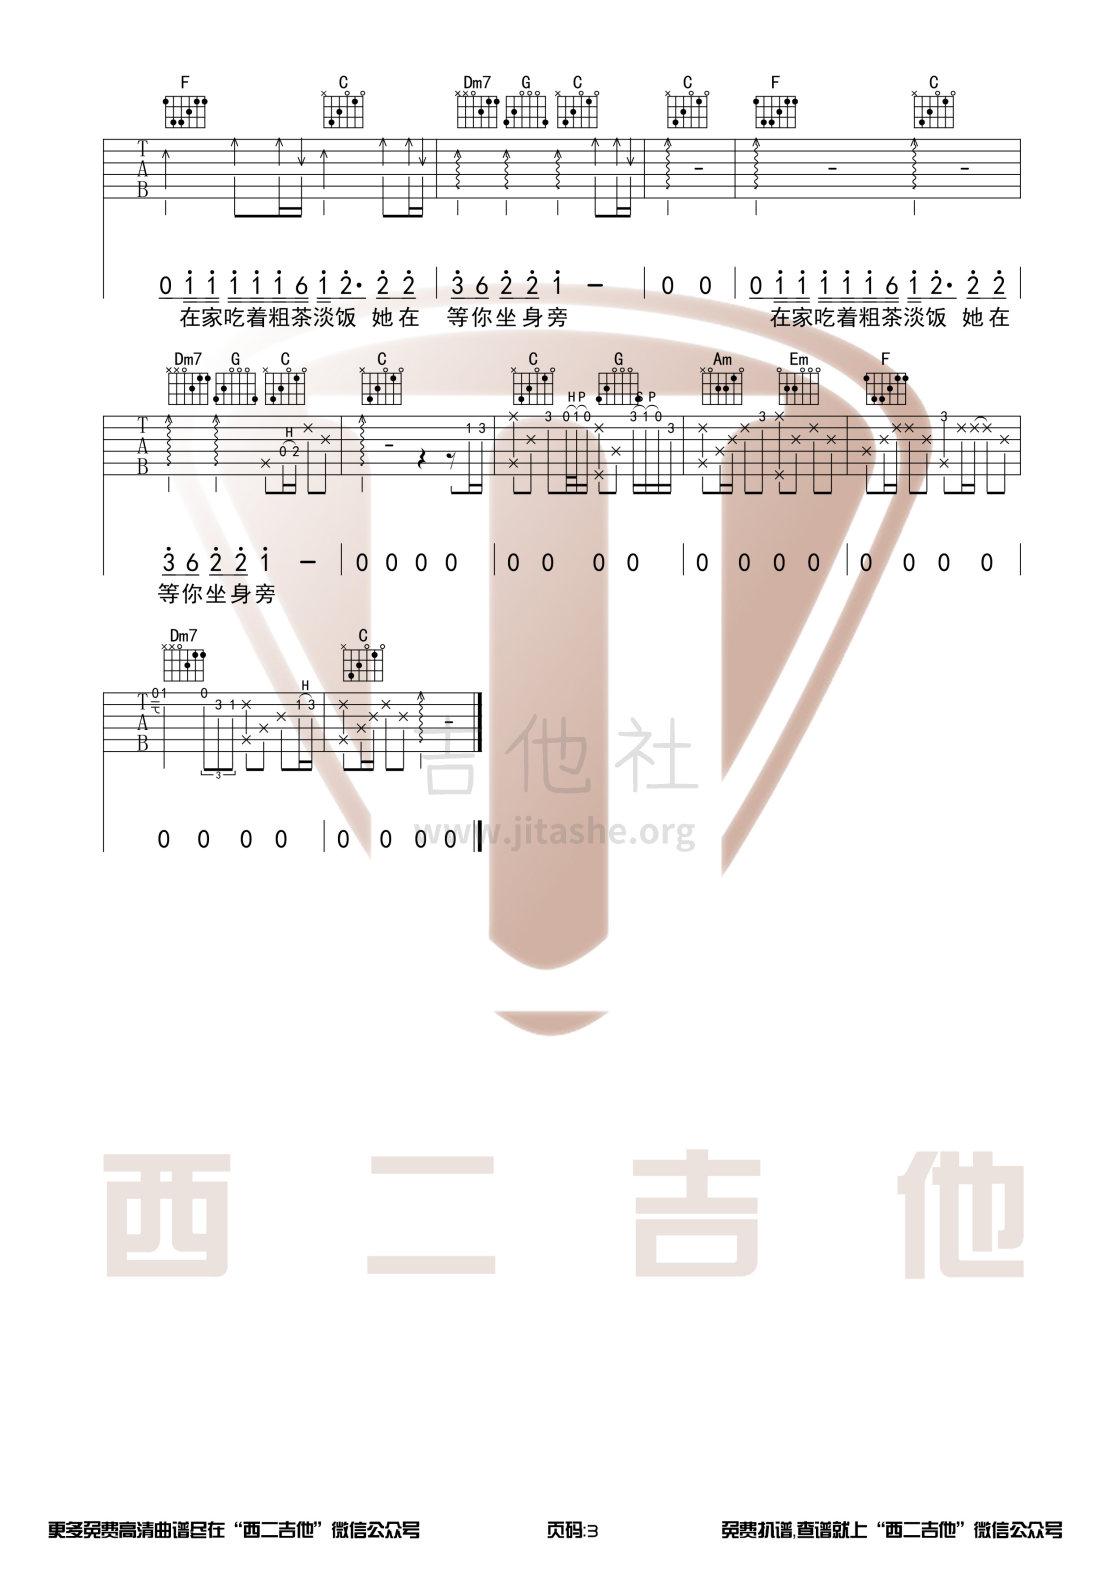 你的姑娘吉他谱(图片谱,西二吉他,原版吉他谱,带前奏)_隔壁老樊(樊凯杰)_你的姑娘3.jpg